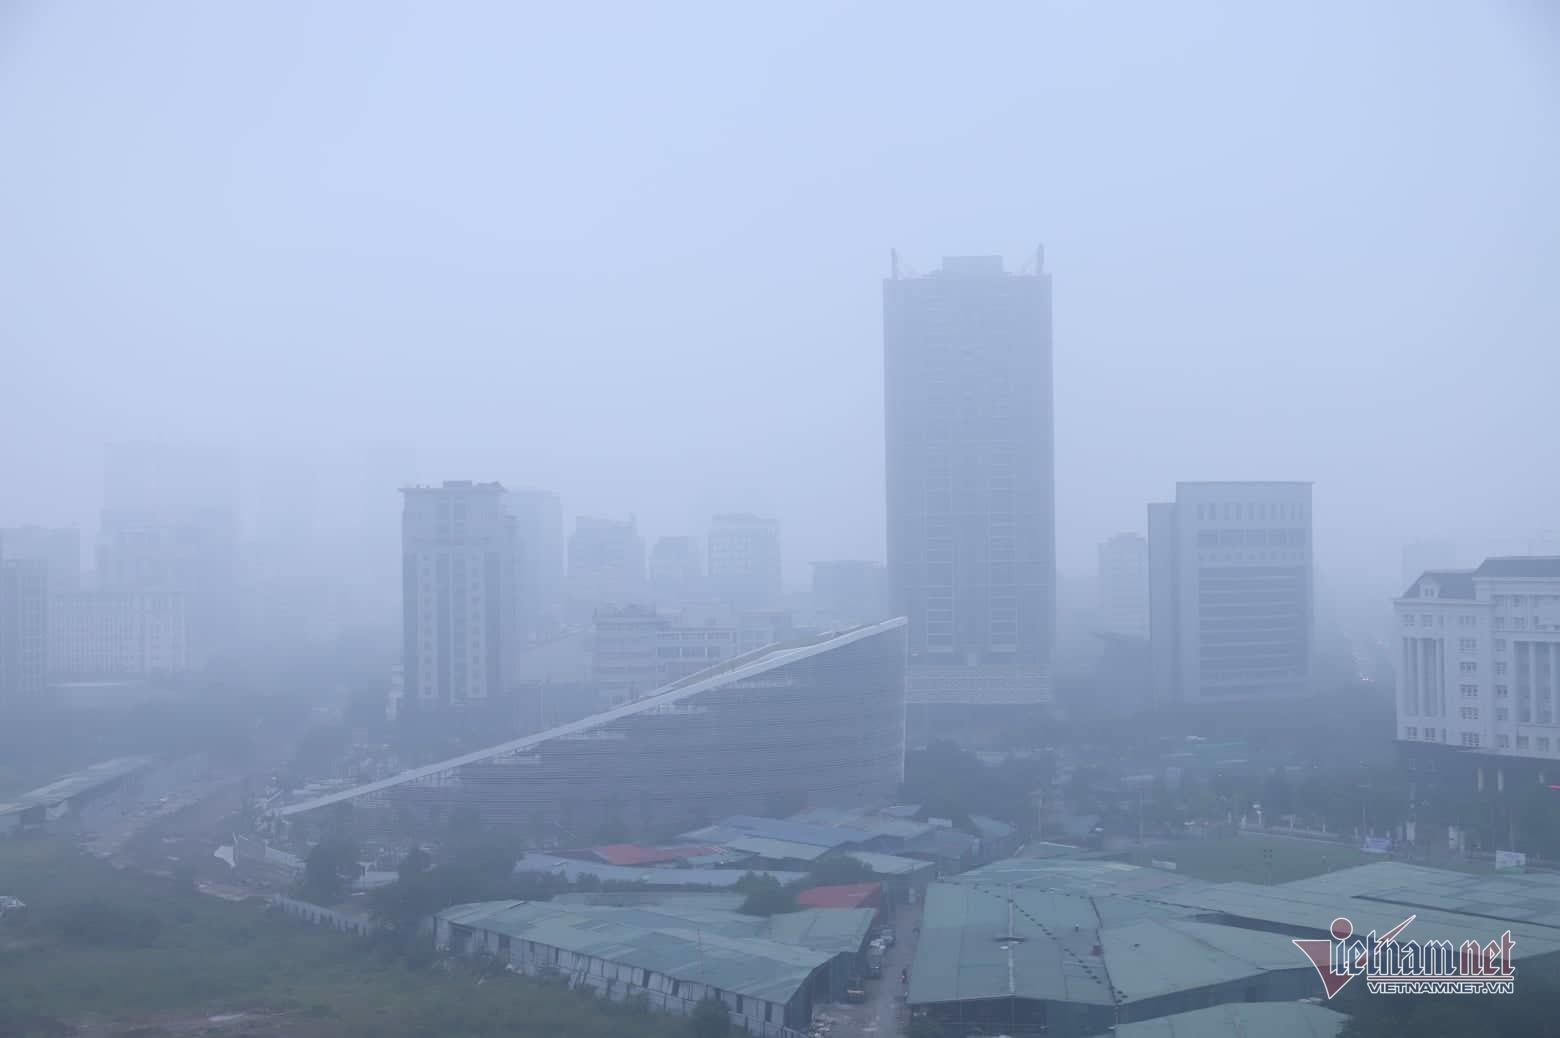 Sương mù giăng phủ Hà Nội, cao ốc mất hút Ảnh 14